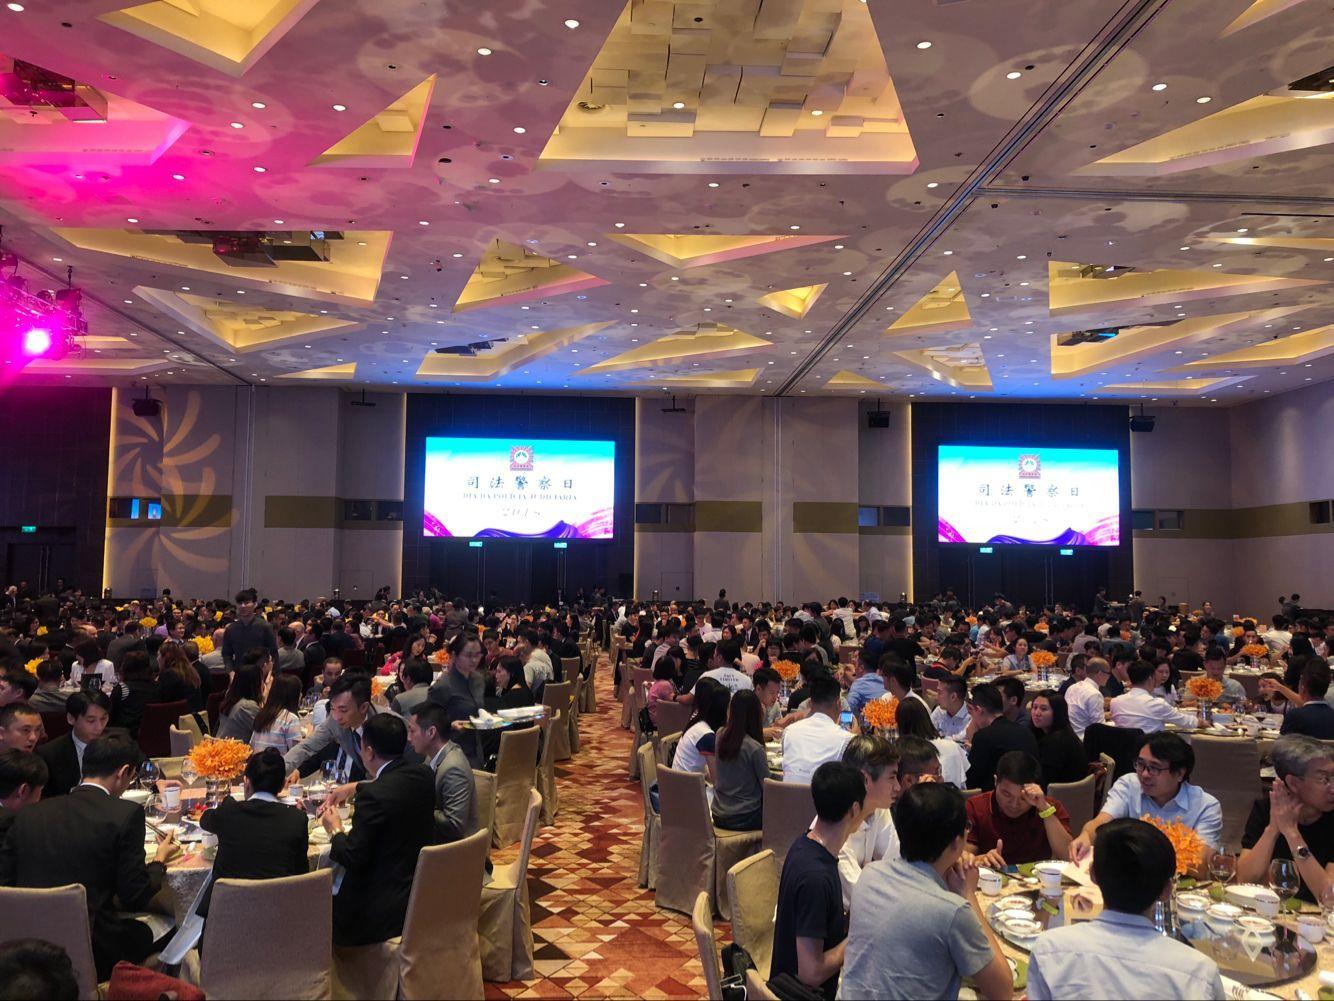 薛仲明:實踐「三個警務理念」促本澳繁榮穩定